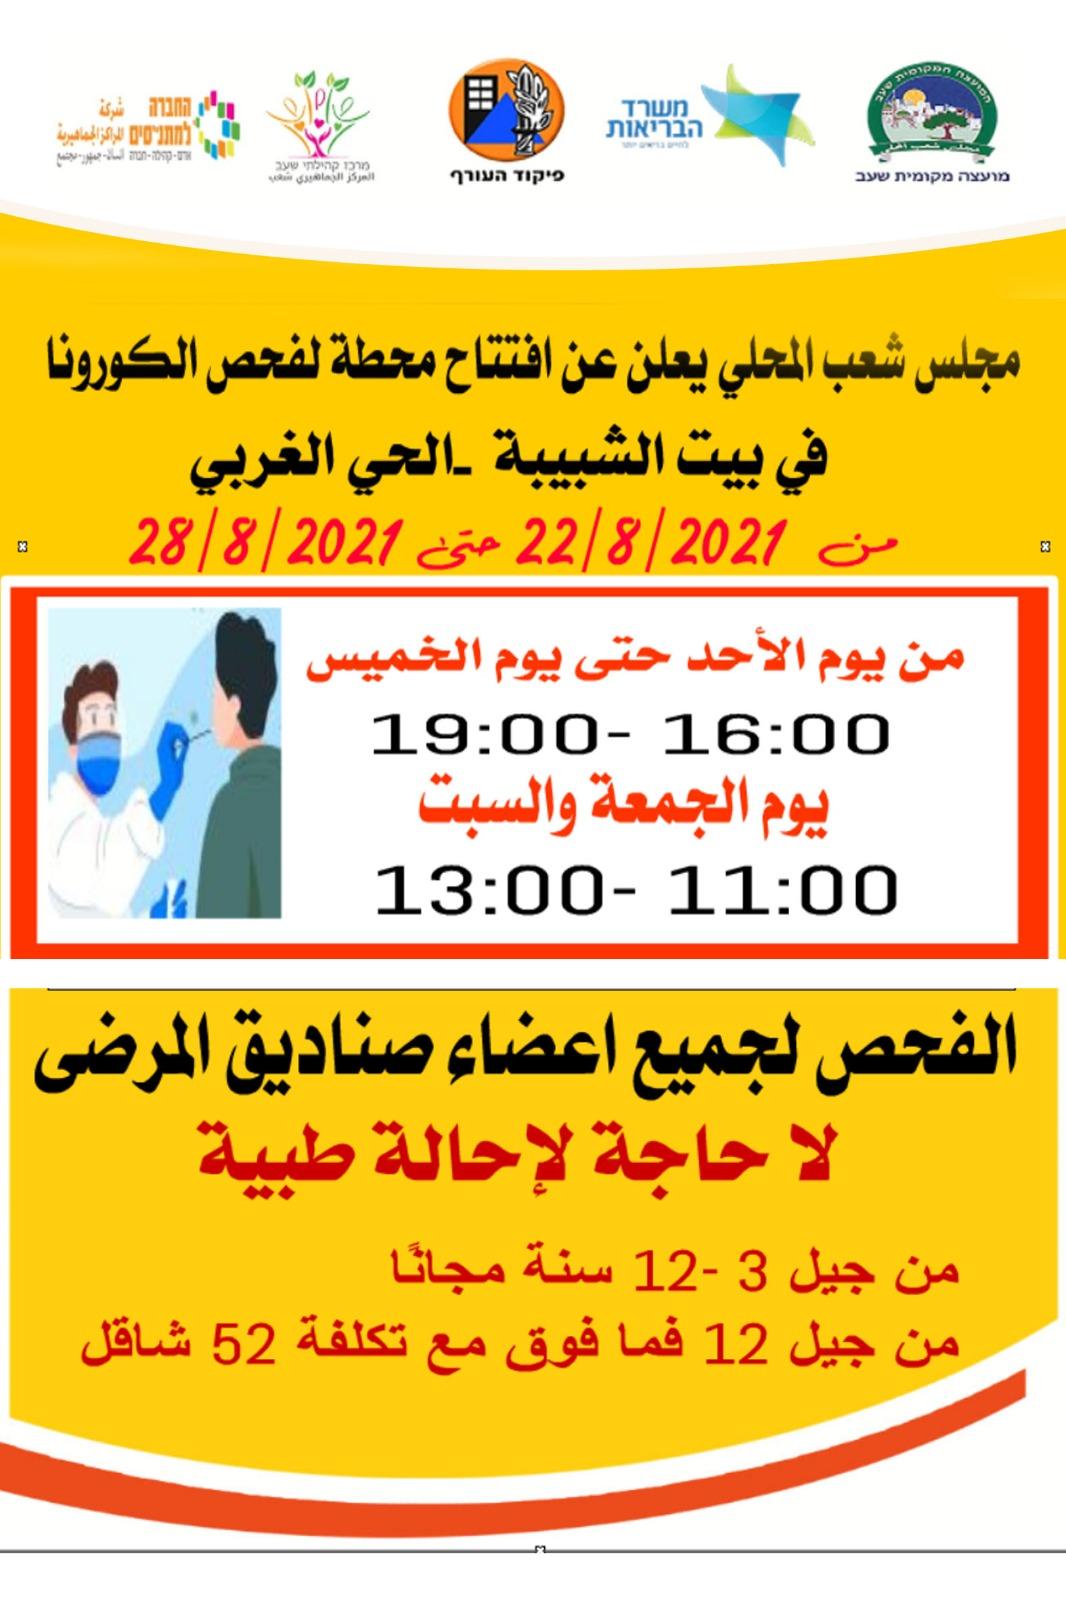 مجلس شعب المحلي يعلن عن افتتاح محطة لفحص الكورونا في بيت الشبيبة - الحي الغربي